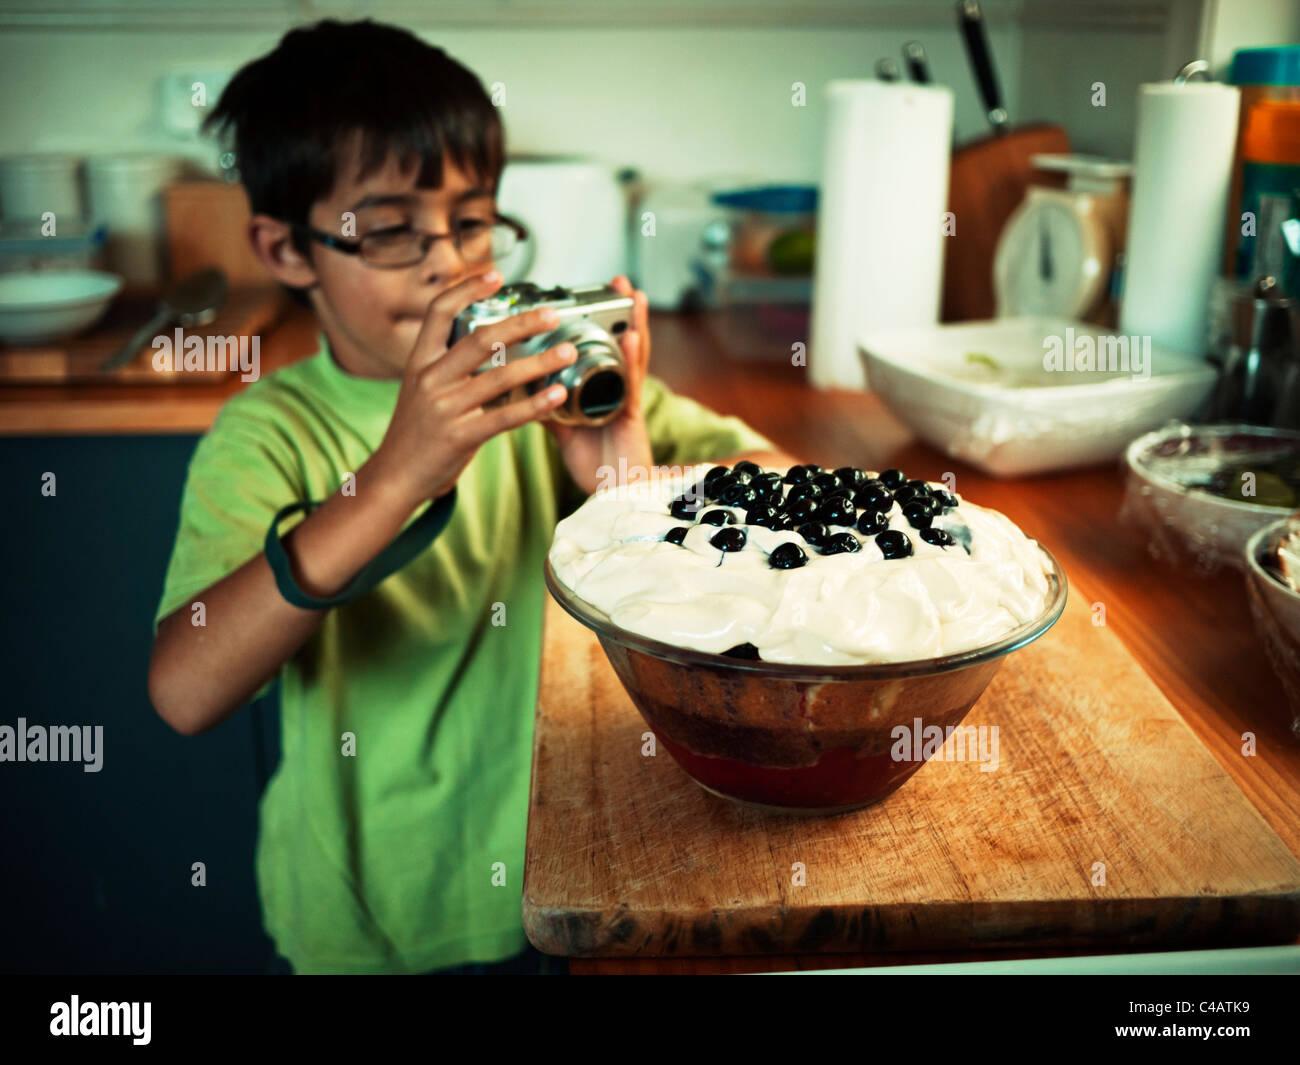 Junge nimmt Bild von hausgemachten Kleinigkeit. Stockbild